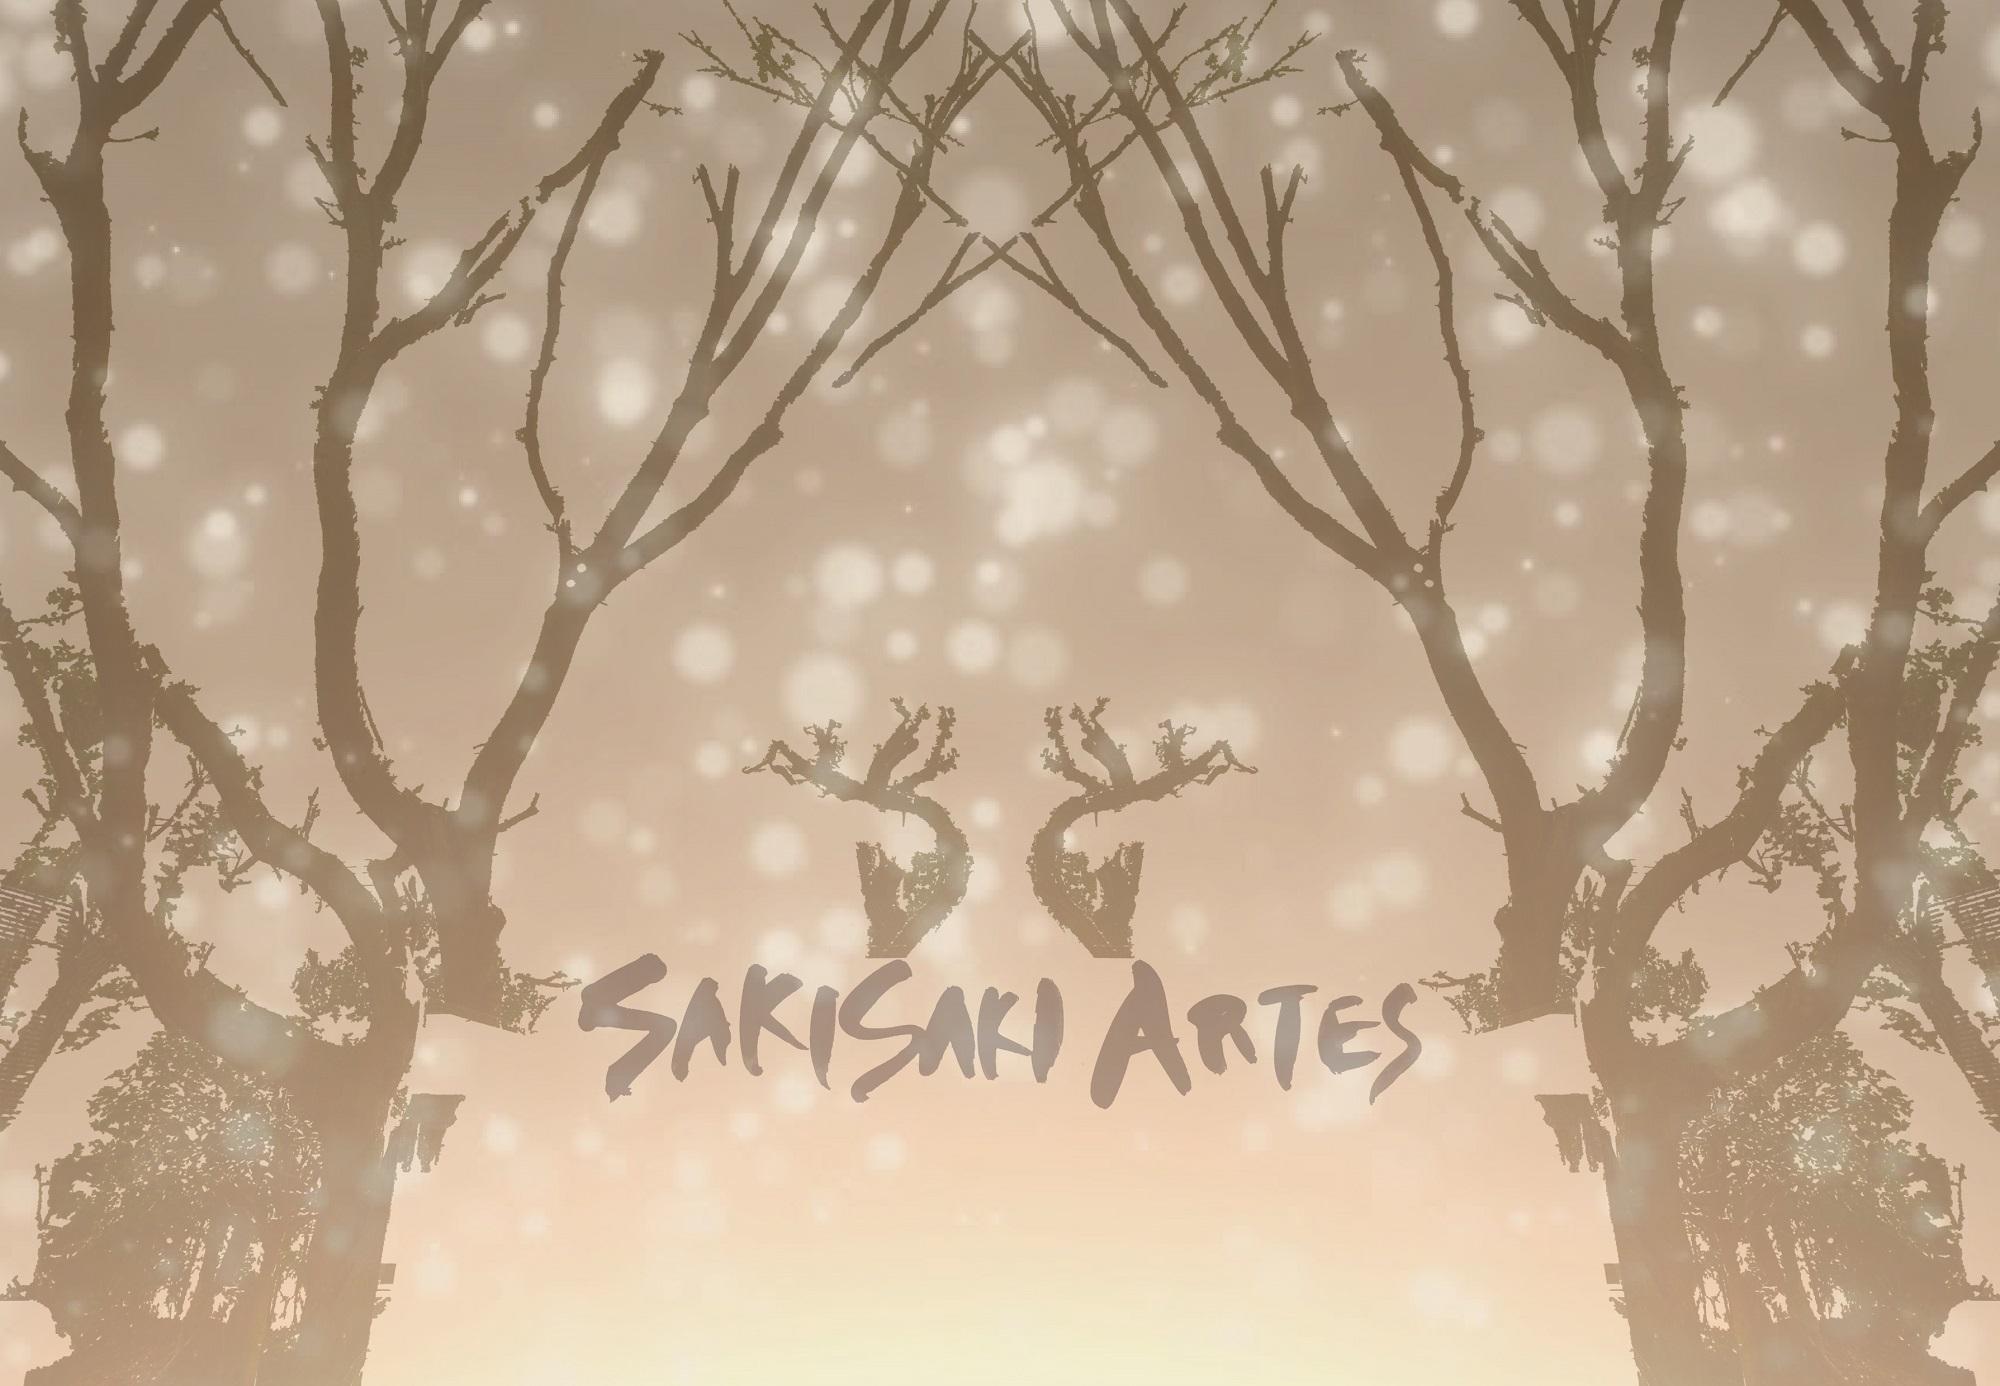 SAKISAKI ARTES